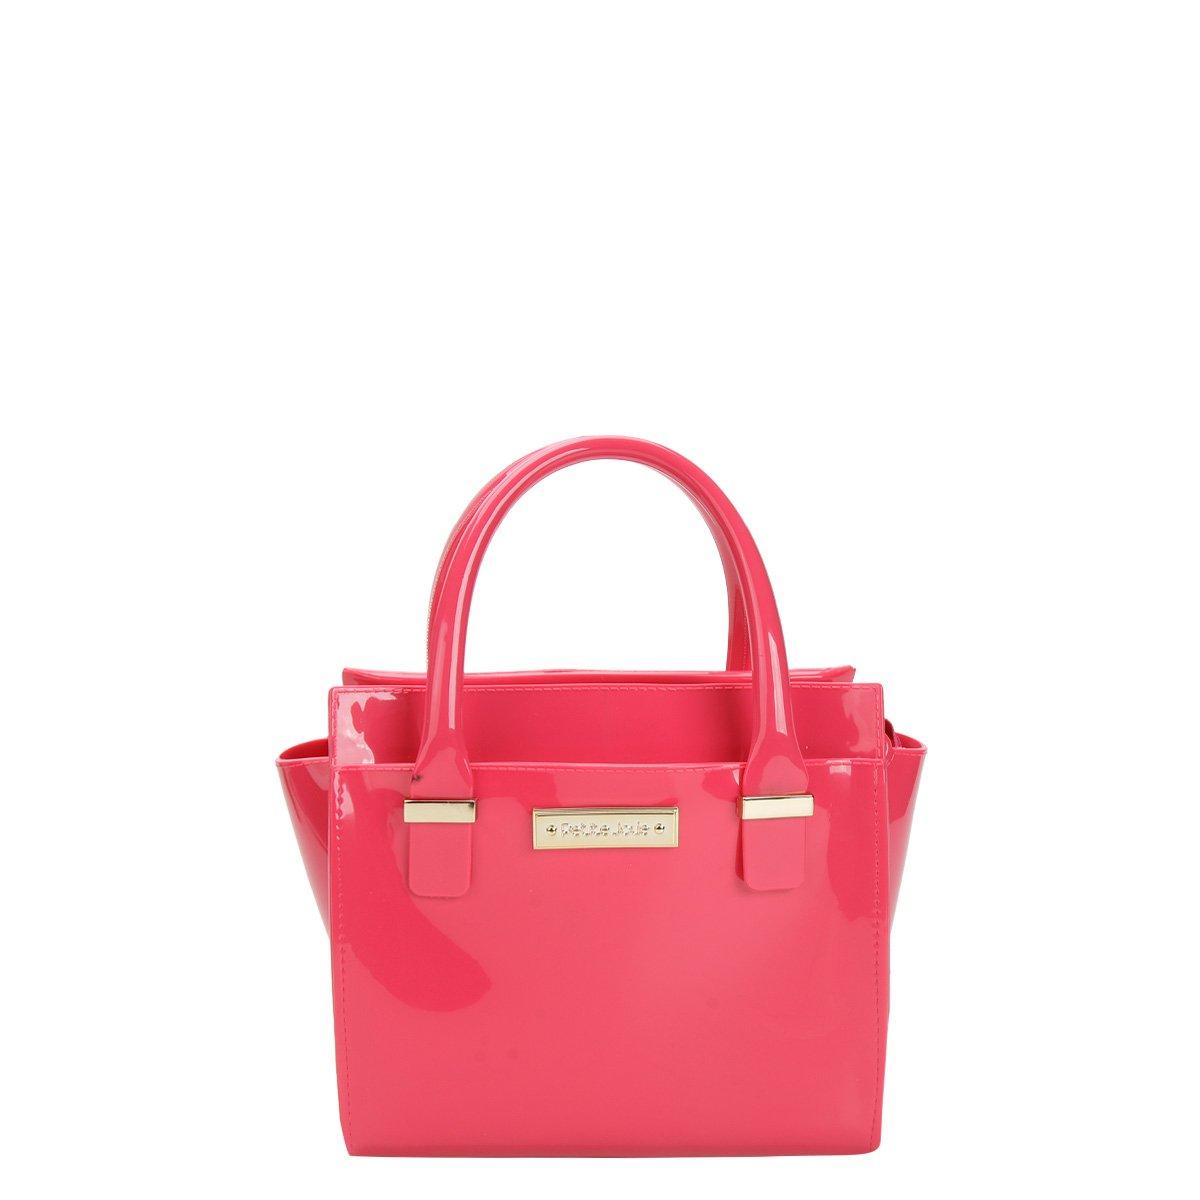 Bolsa De Mão Petite Jolie : Bolsa petite jolie mini bag logo feminina pink